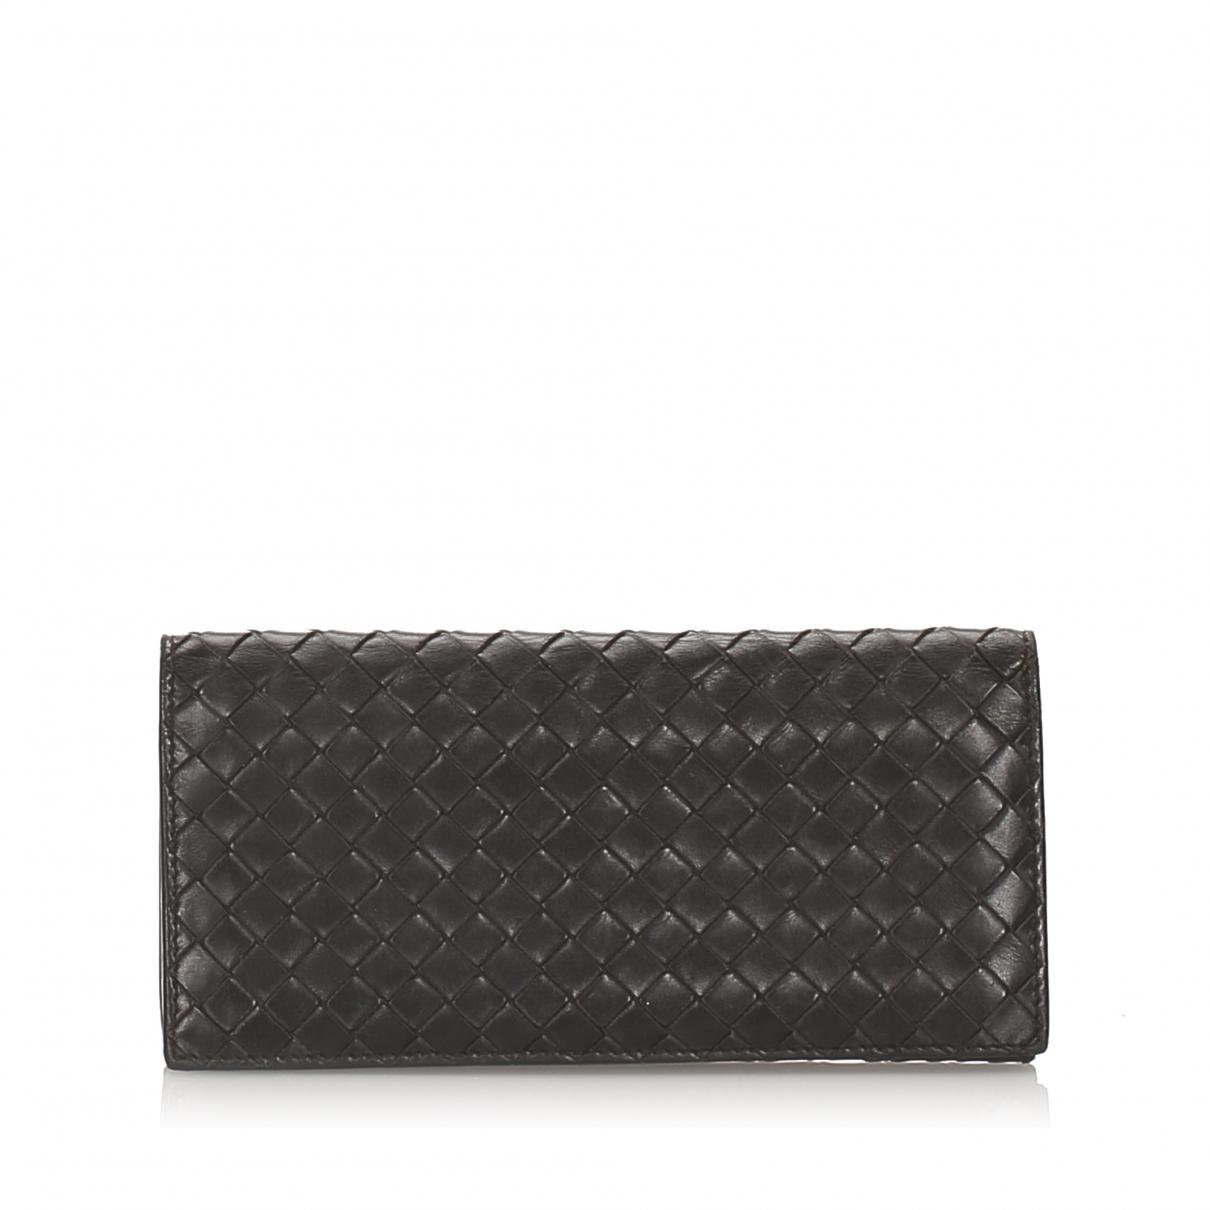 Bottega Veneta - Portefeuille   pour femme en cuir - noir